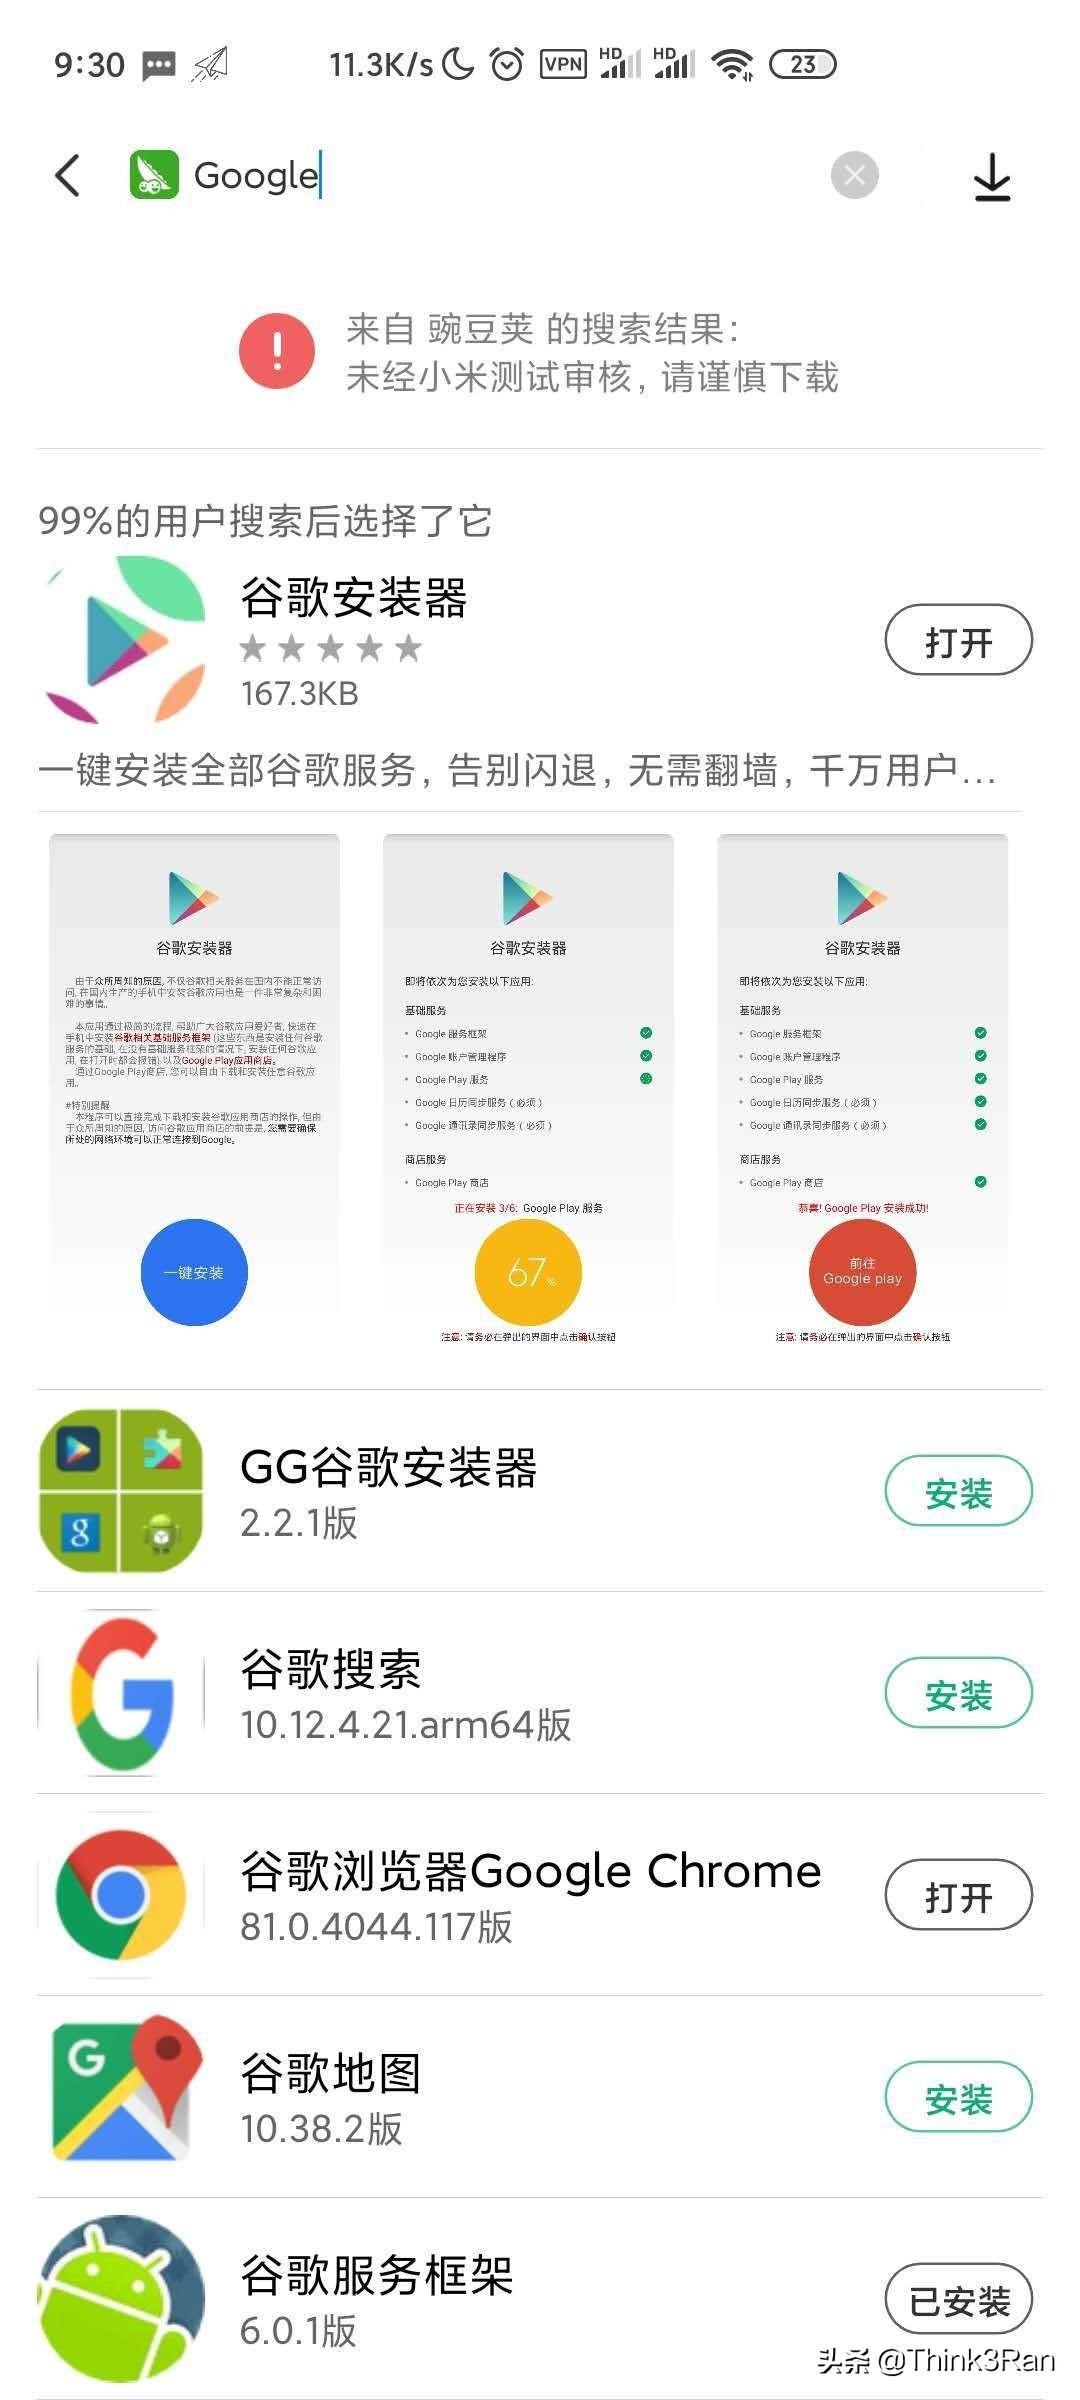 小米手机的miui安装系统Google架构